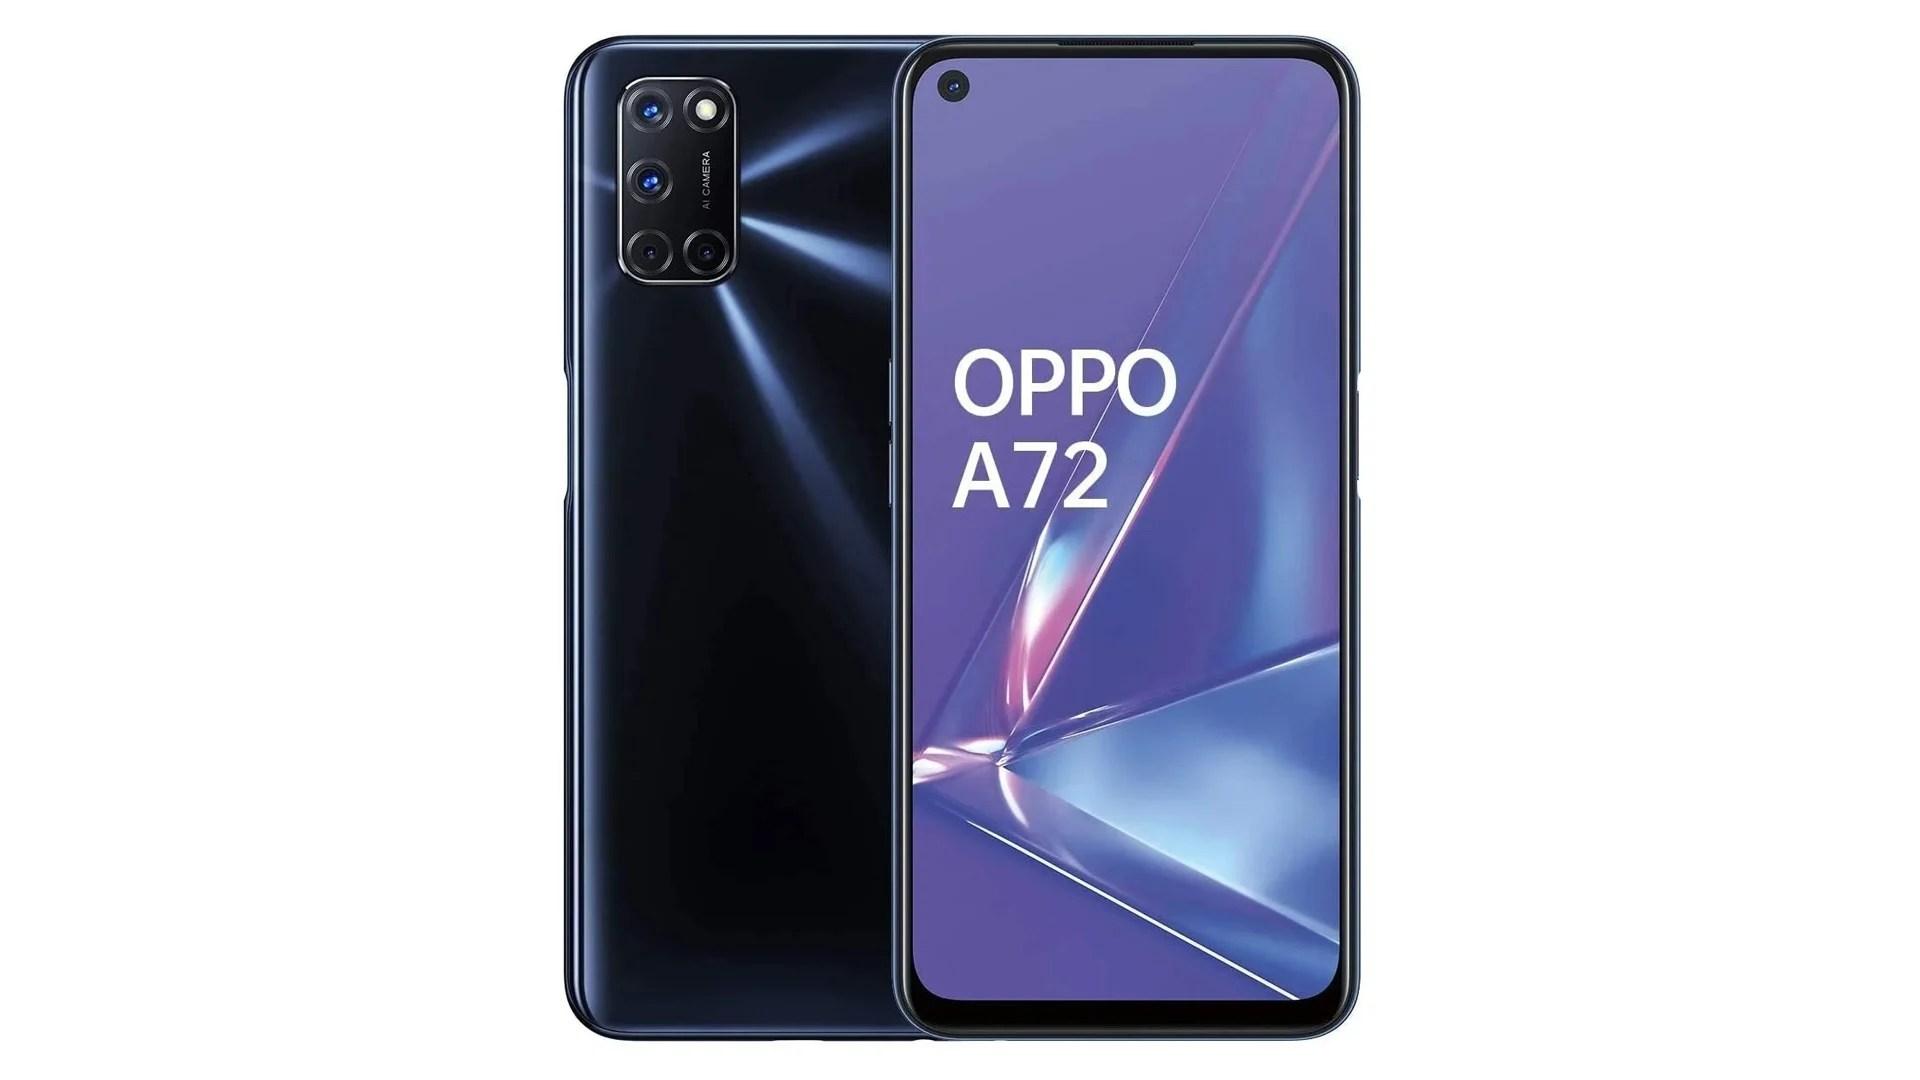 Le smartphone Oppo A72 chute à 229 euros chez tous les revendeurs